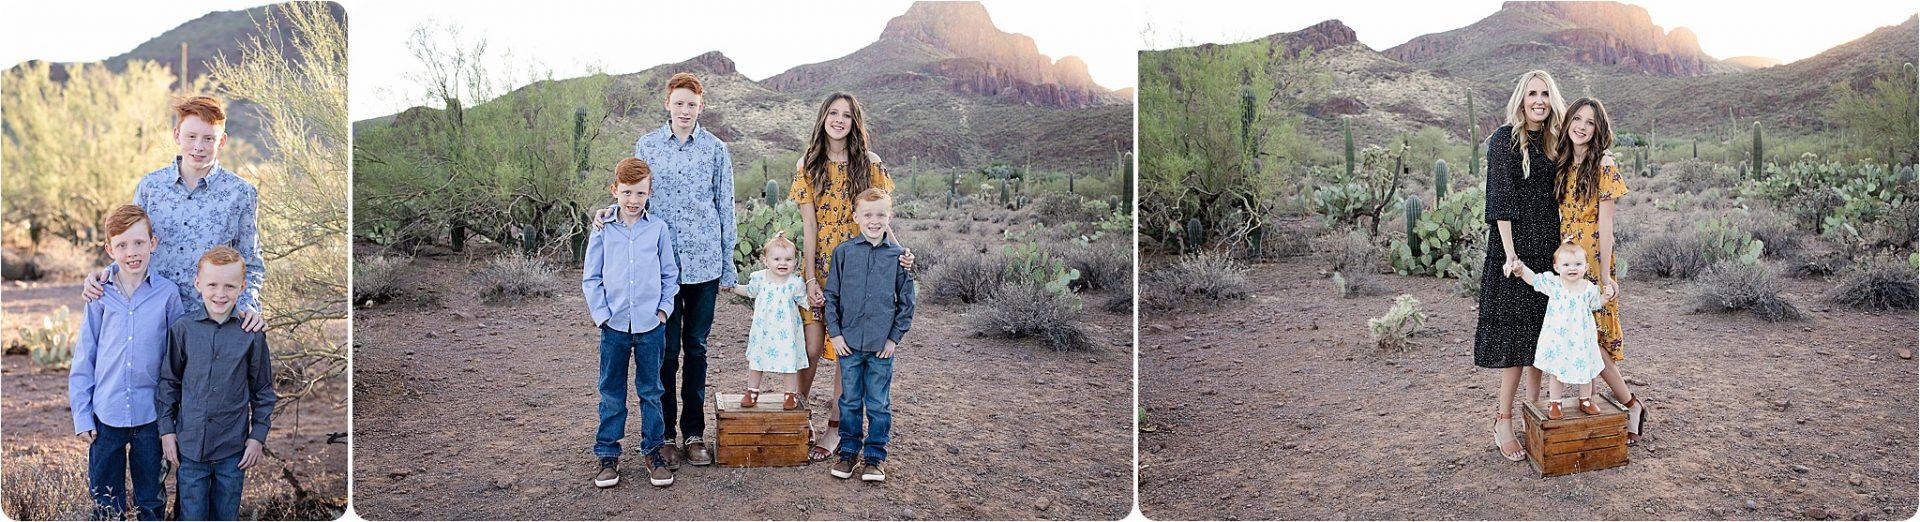 Tucson and Marana Family Photographer